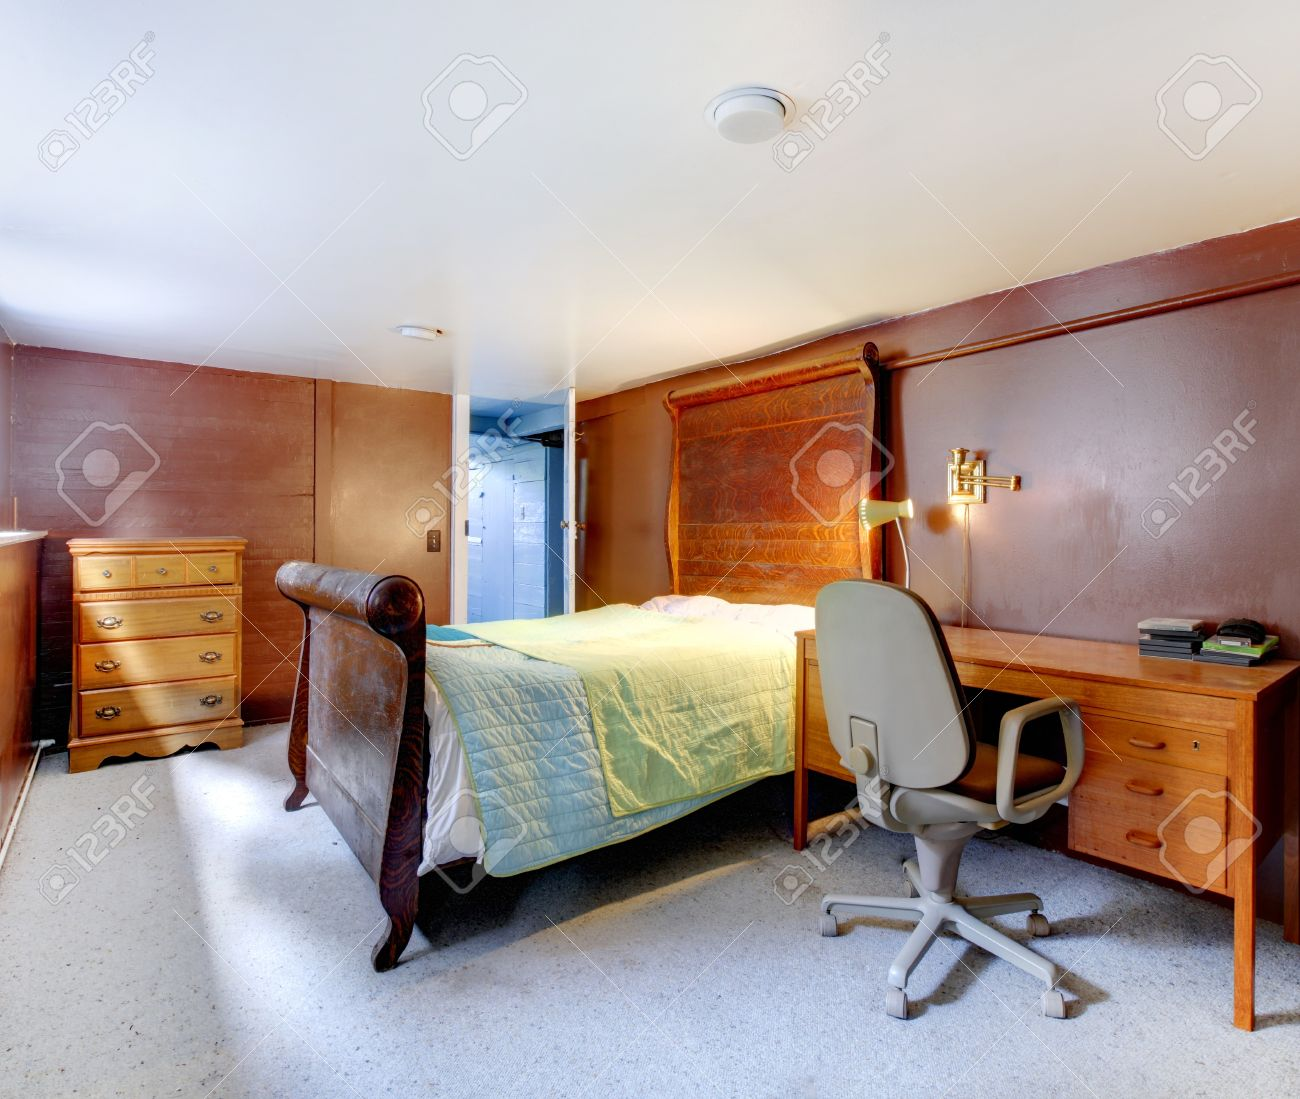 Chambre avec moquette grise brown et grand lit avec literie vert ...